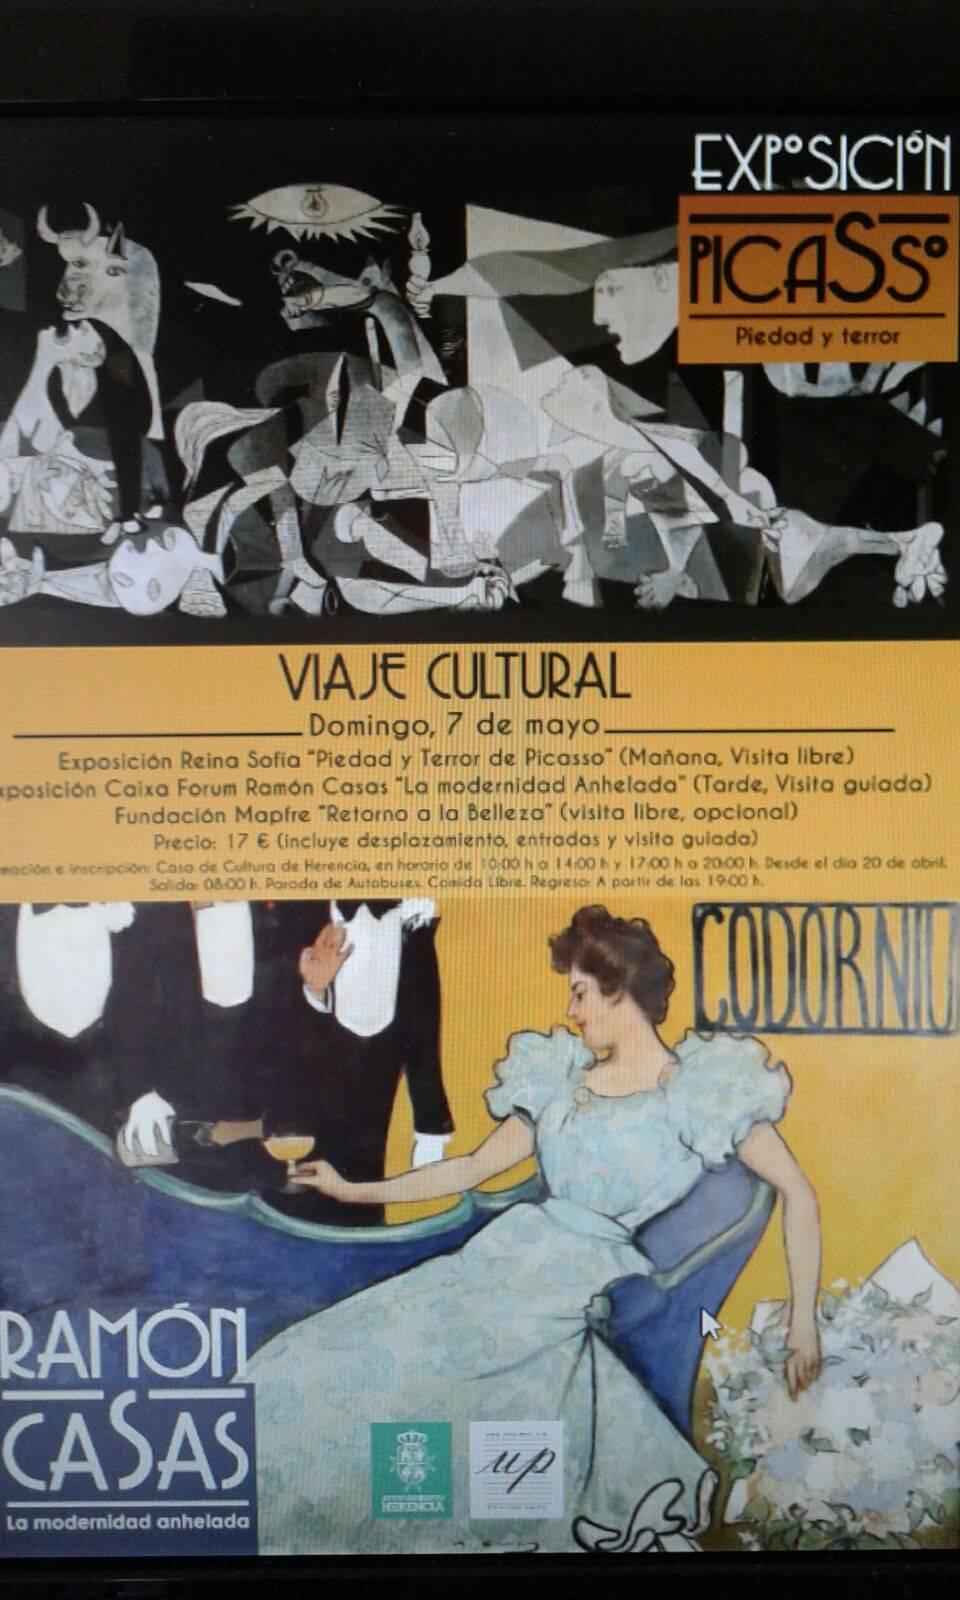 Museos Madrid - Un día por las exposiciones de Madrid